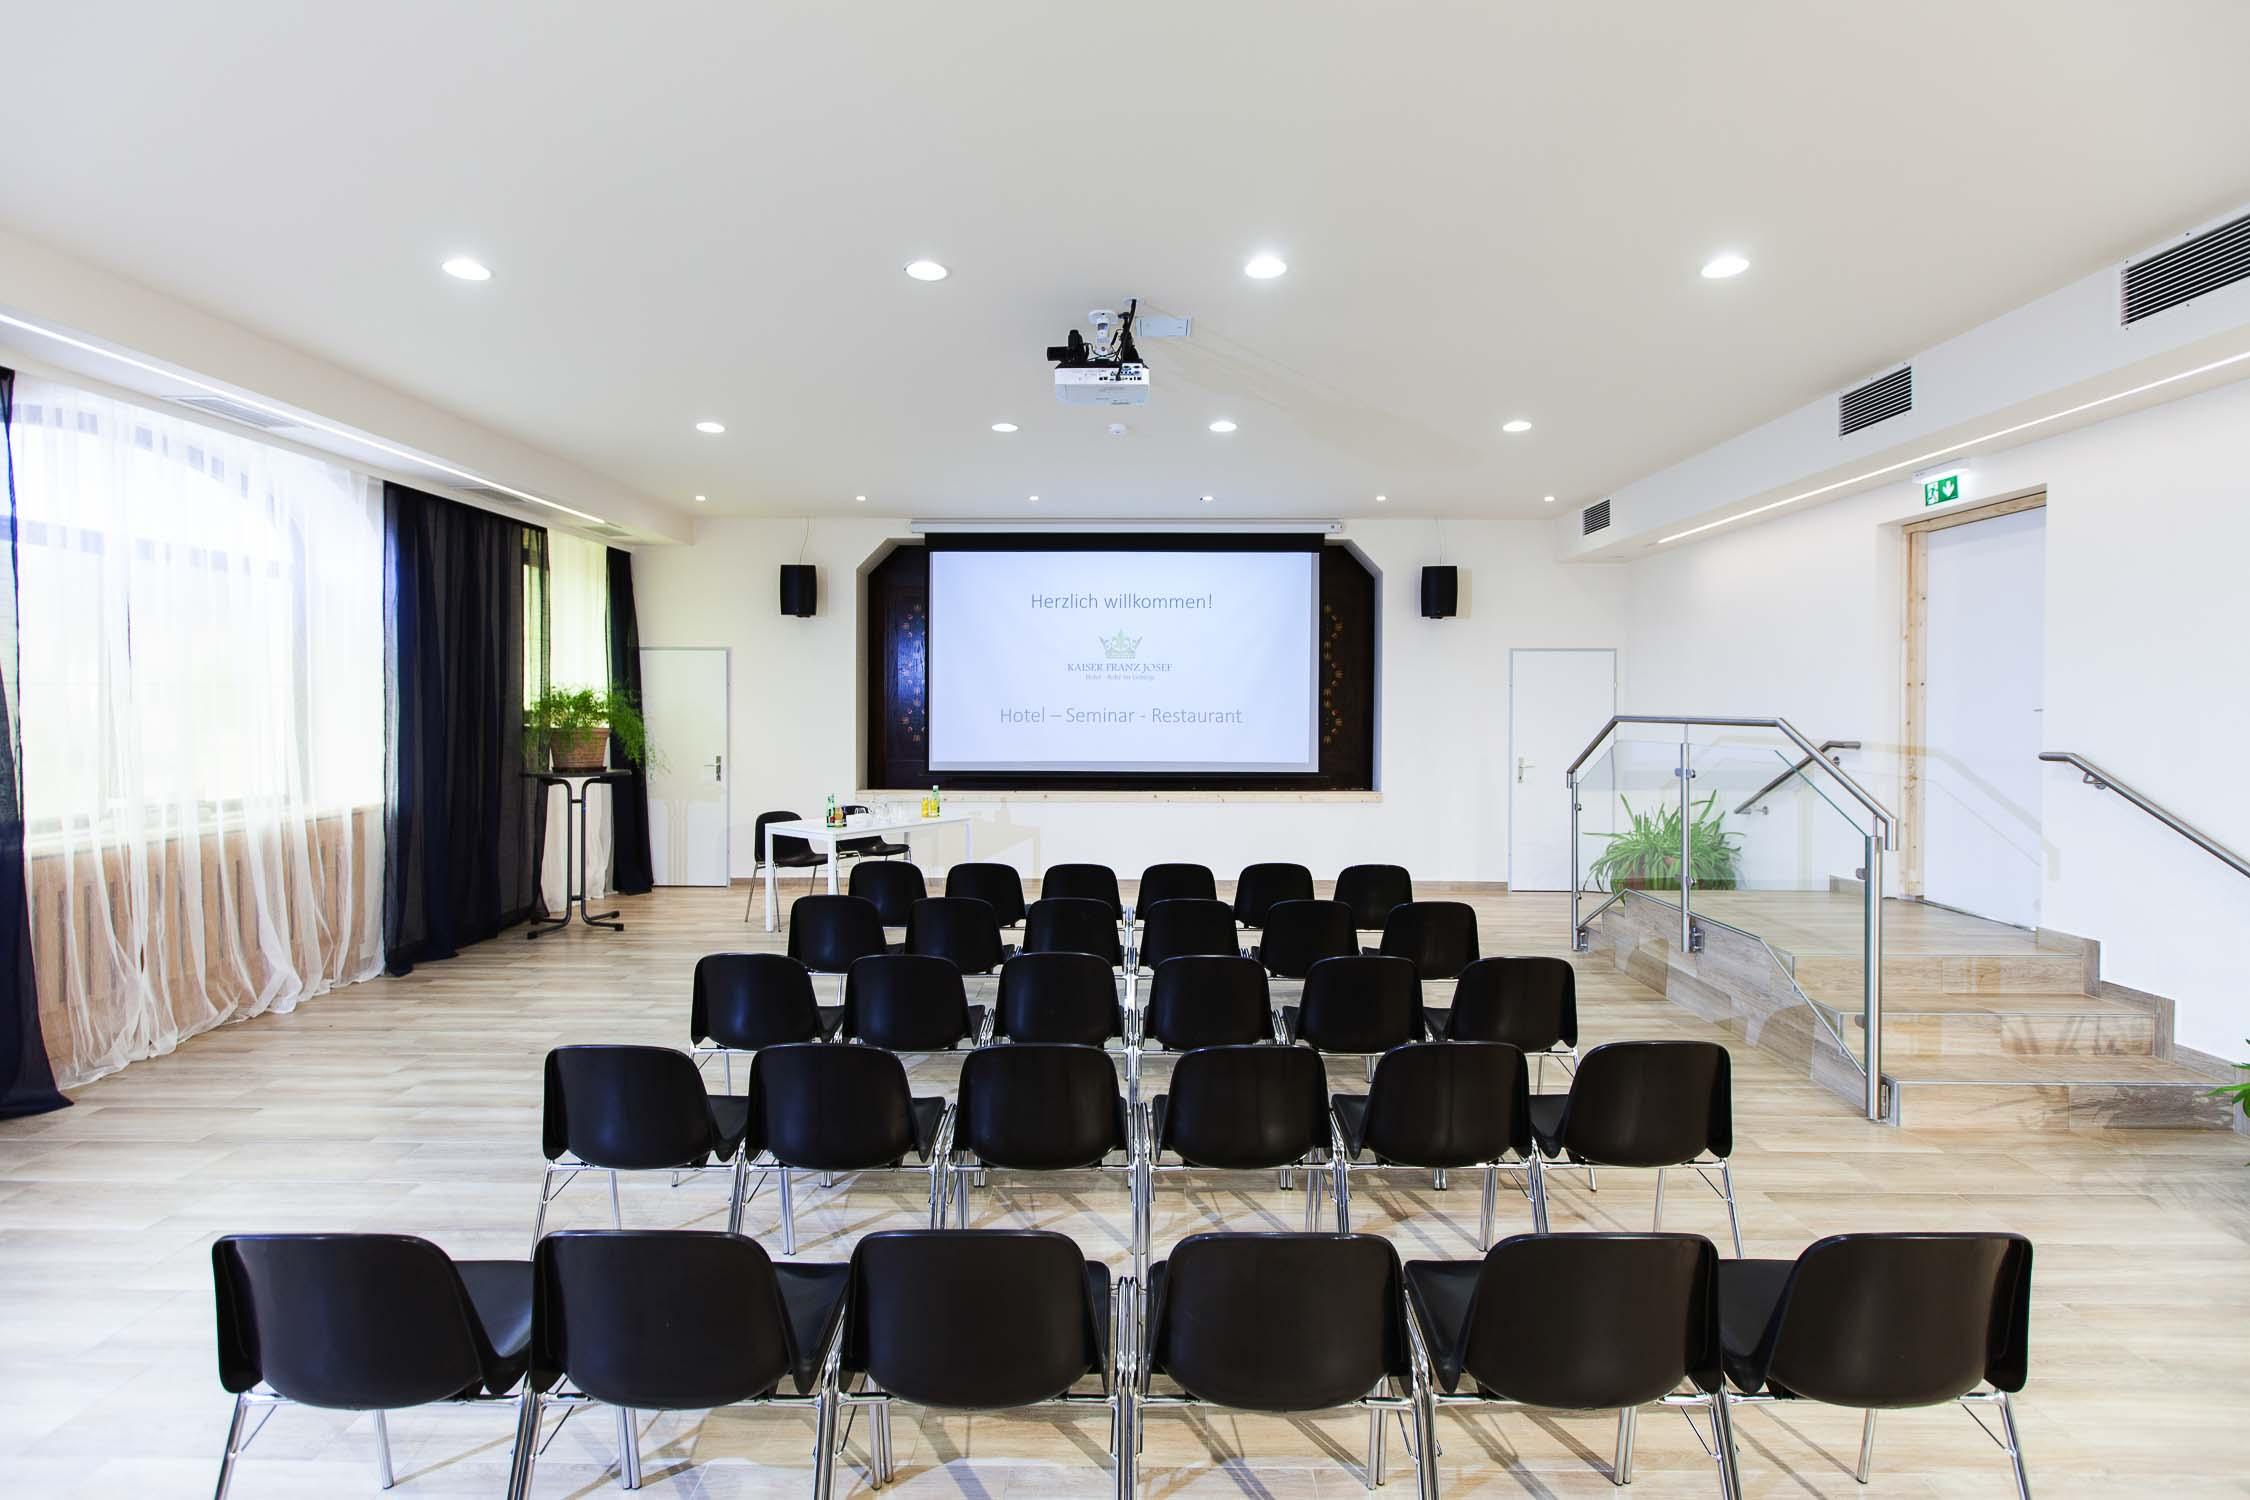 Hotelfotograf Businesshotel Konferenzraum mit Model Besprechungsraum0733-0103.jpg